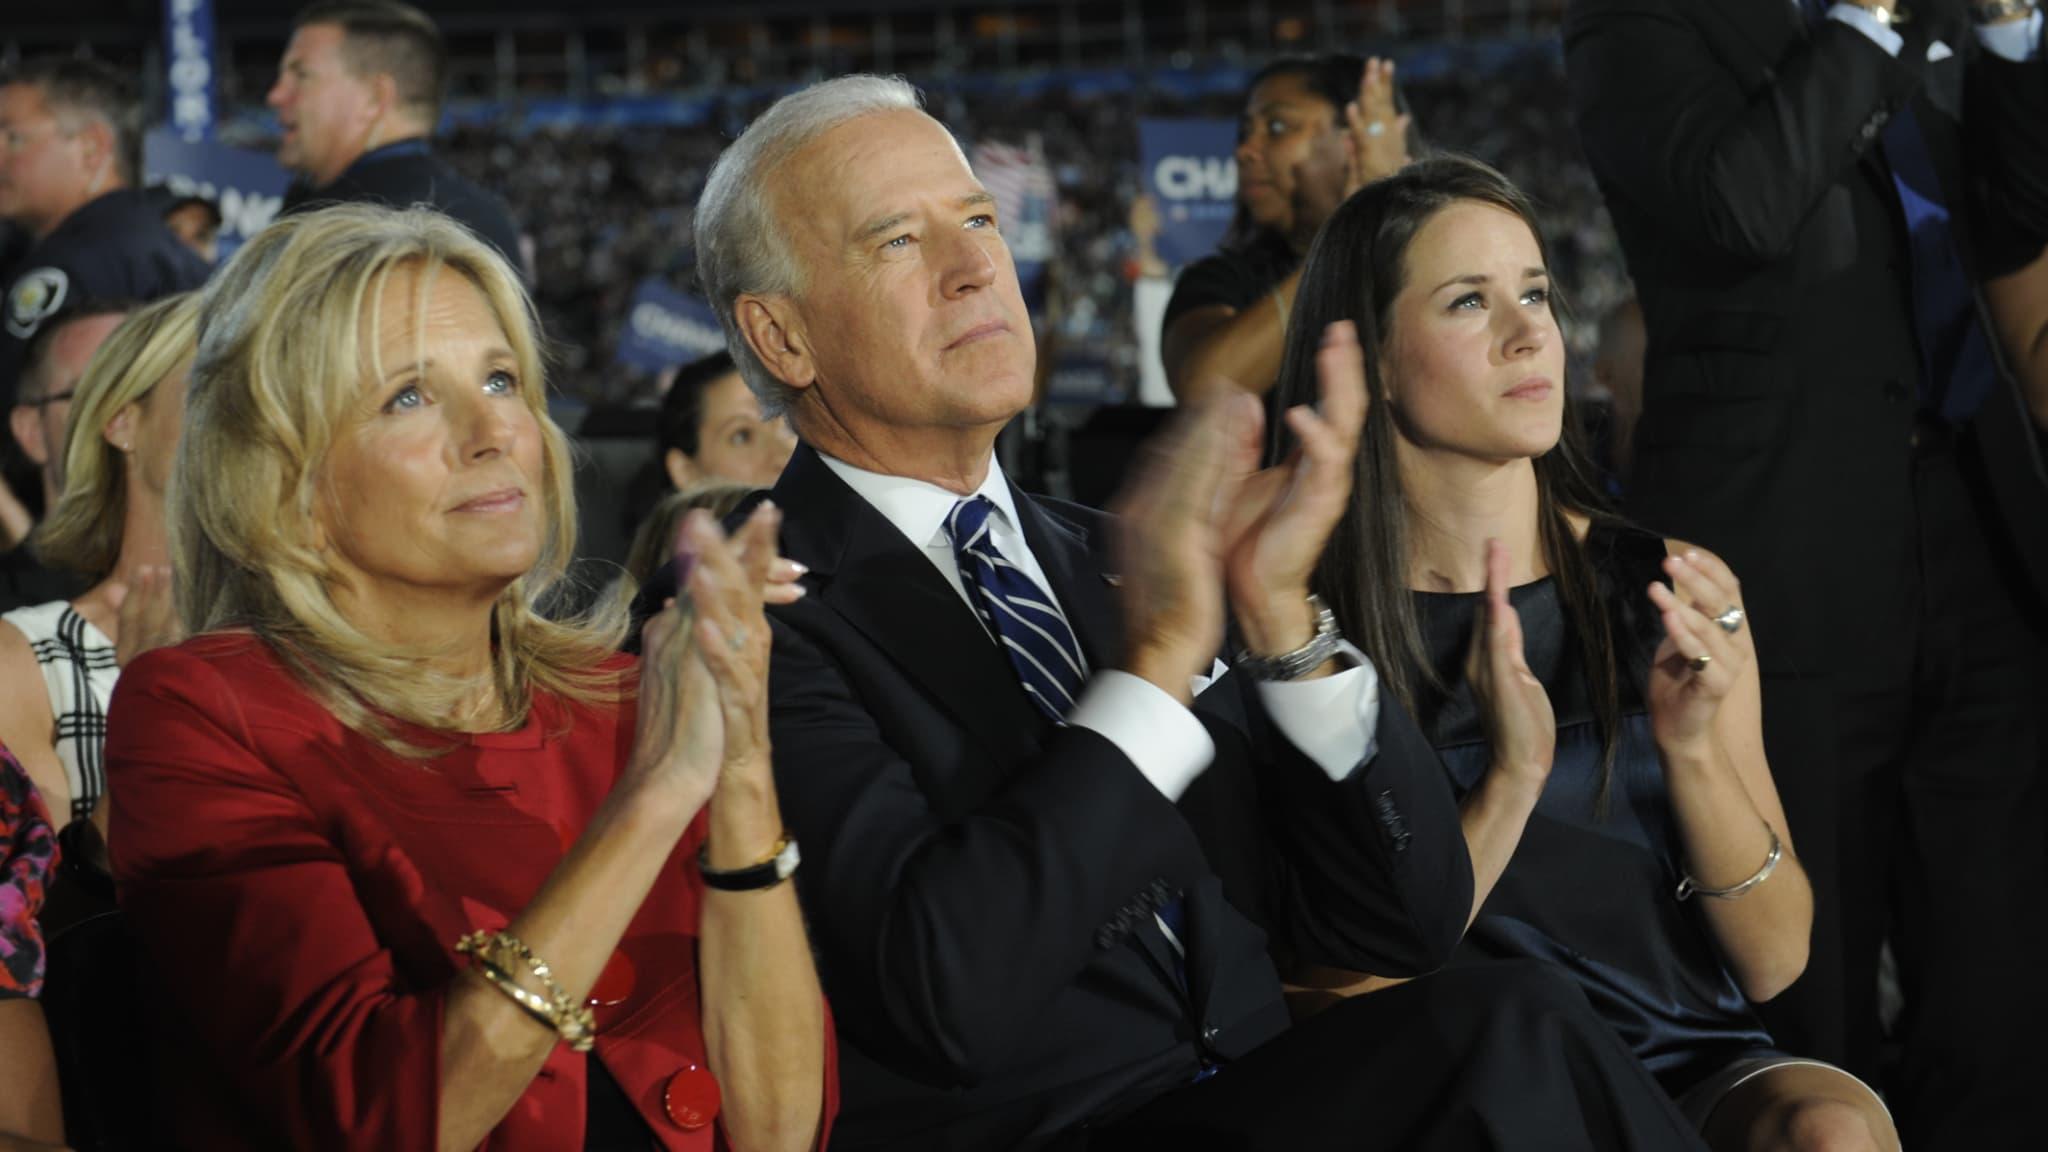 https://images.bfmtv.com/ghCPCcliT9Qfuw9lYw3iE_YXksg=/0x105:2048x1257/2048x0/images/Jill-Biden-Joe-Biden-et-Ashley-Biden-applaudissant-Barack-Obama-lors-de-la-Convention-Nationale-Democrate-le-28-aout-2008-422146.jpg